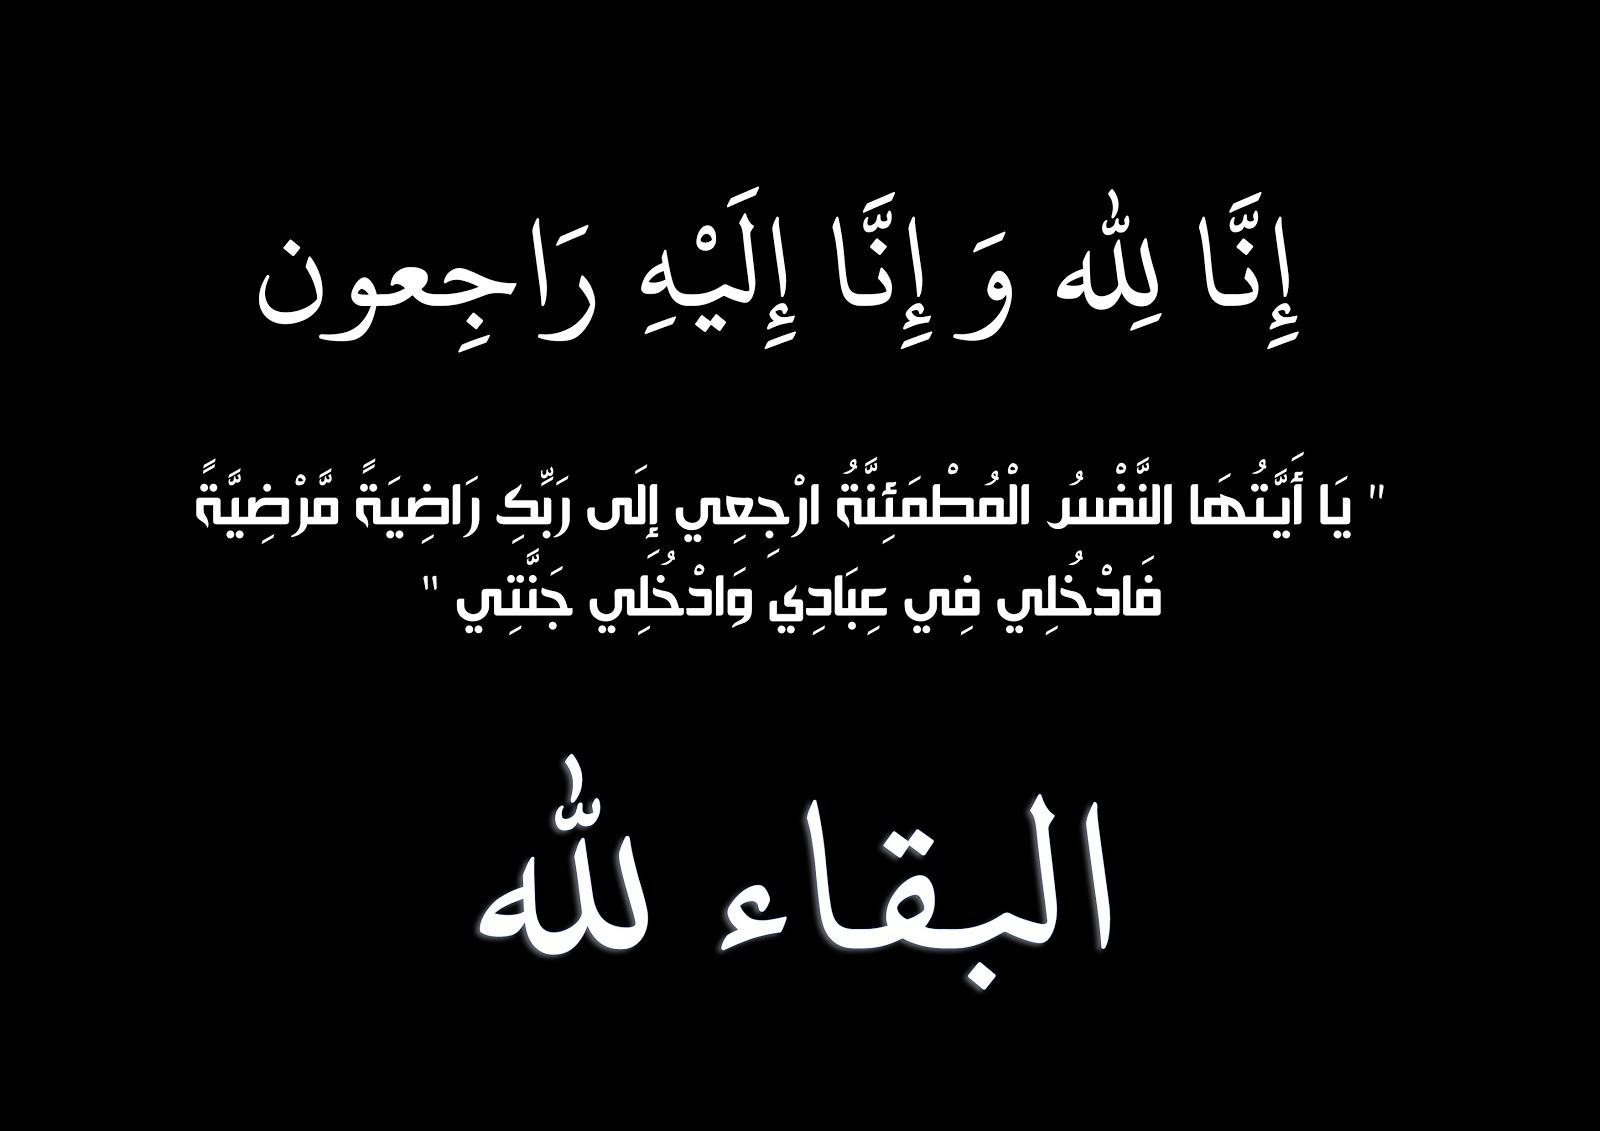 الاعلامي الأردني غازي شيحا في ذمة الله